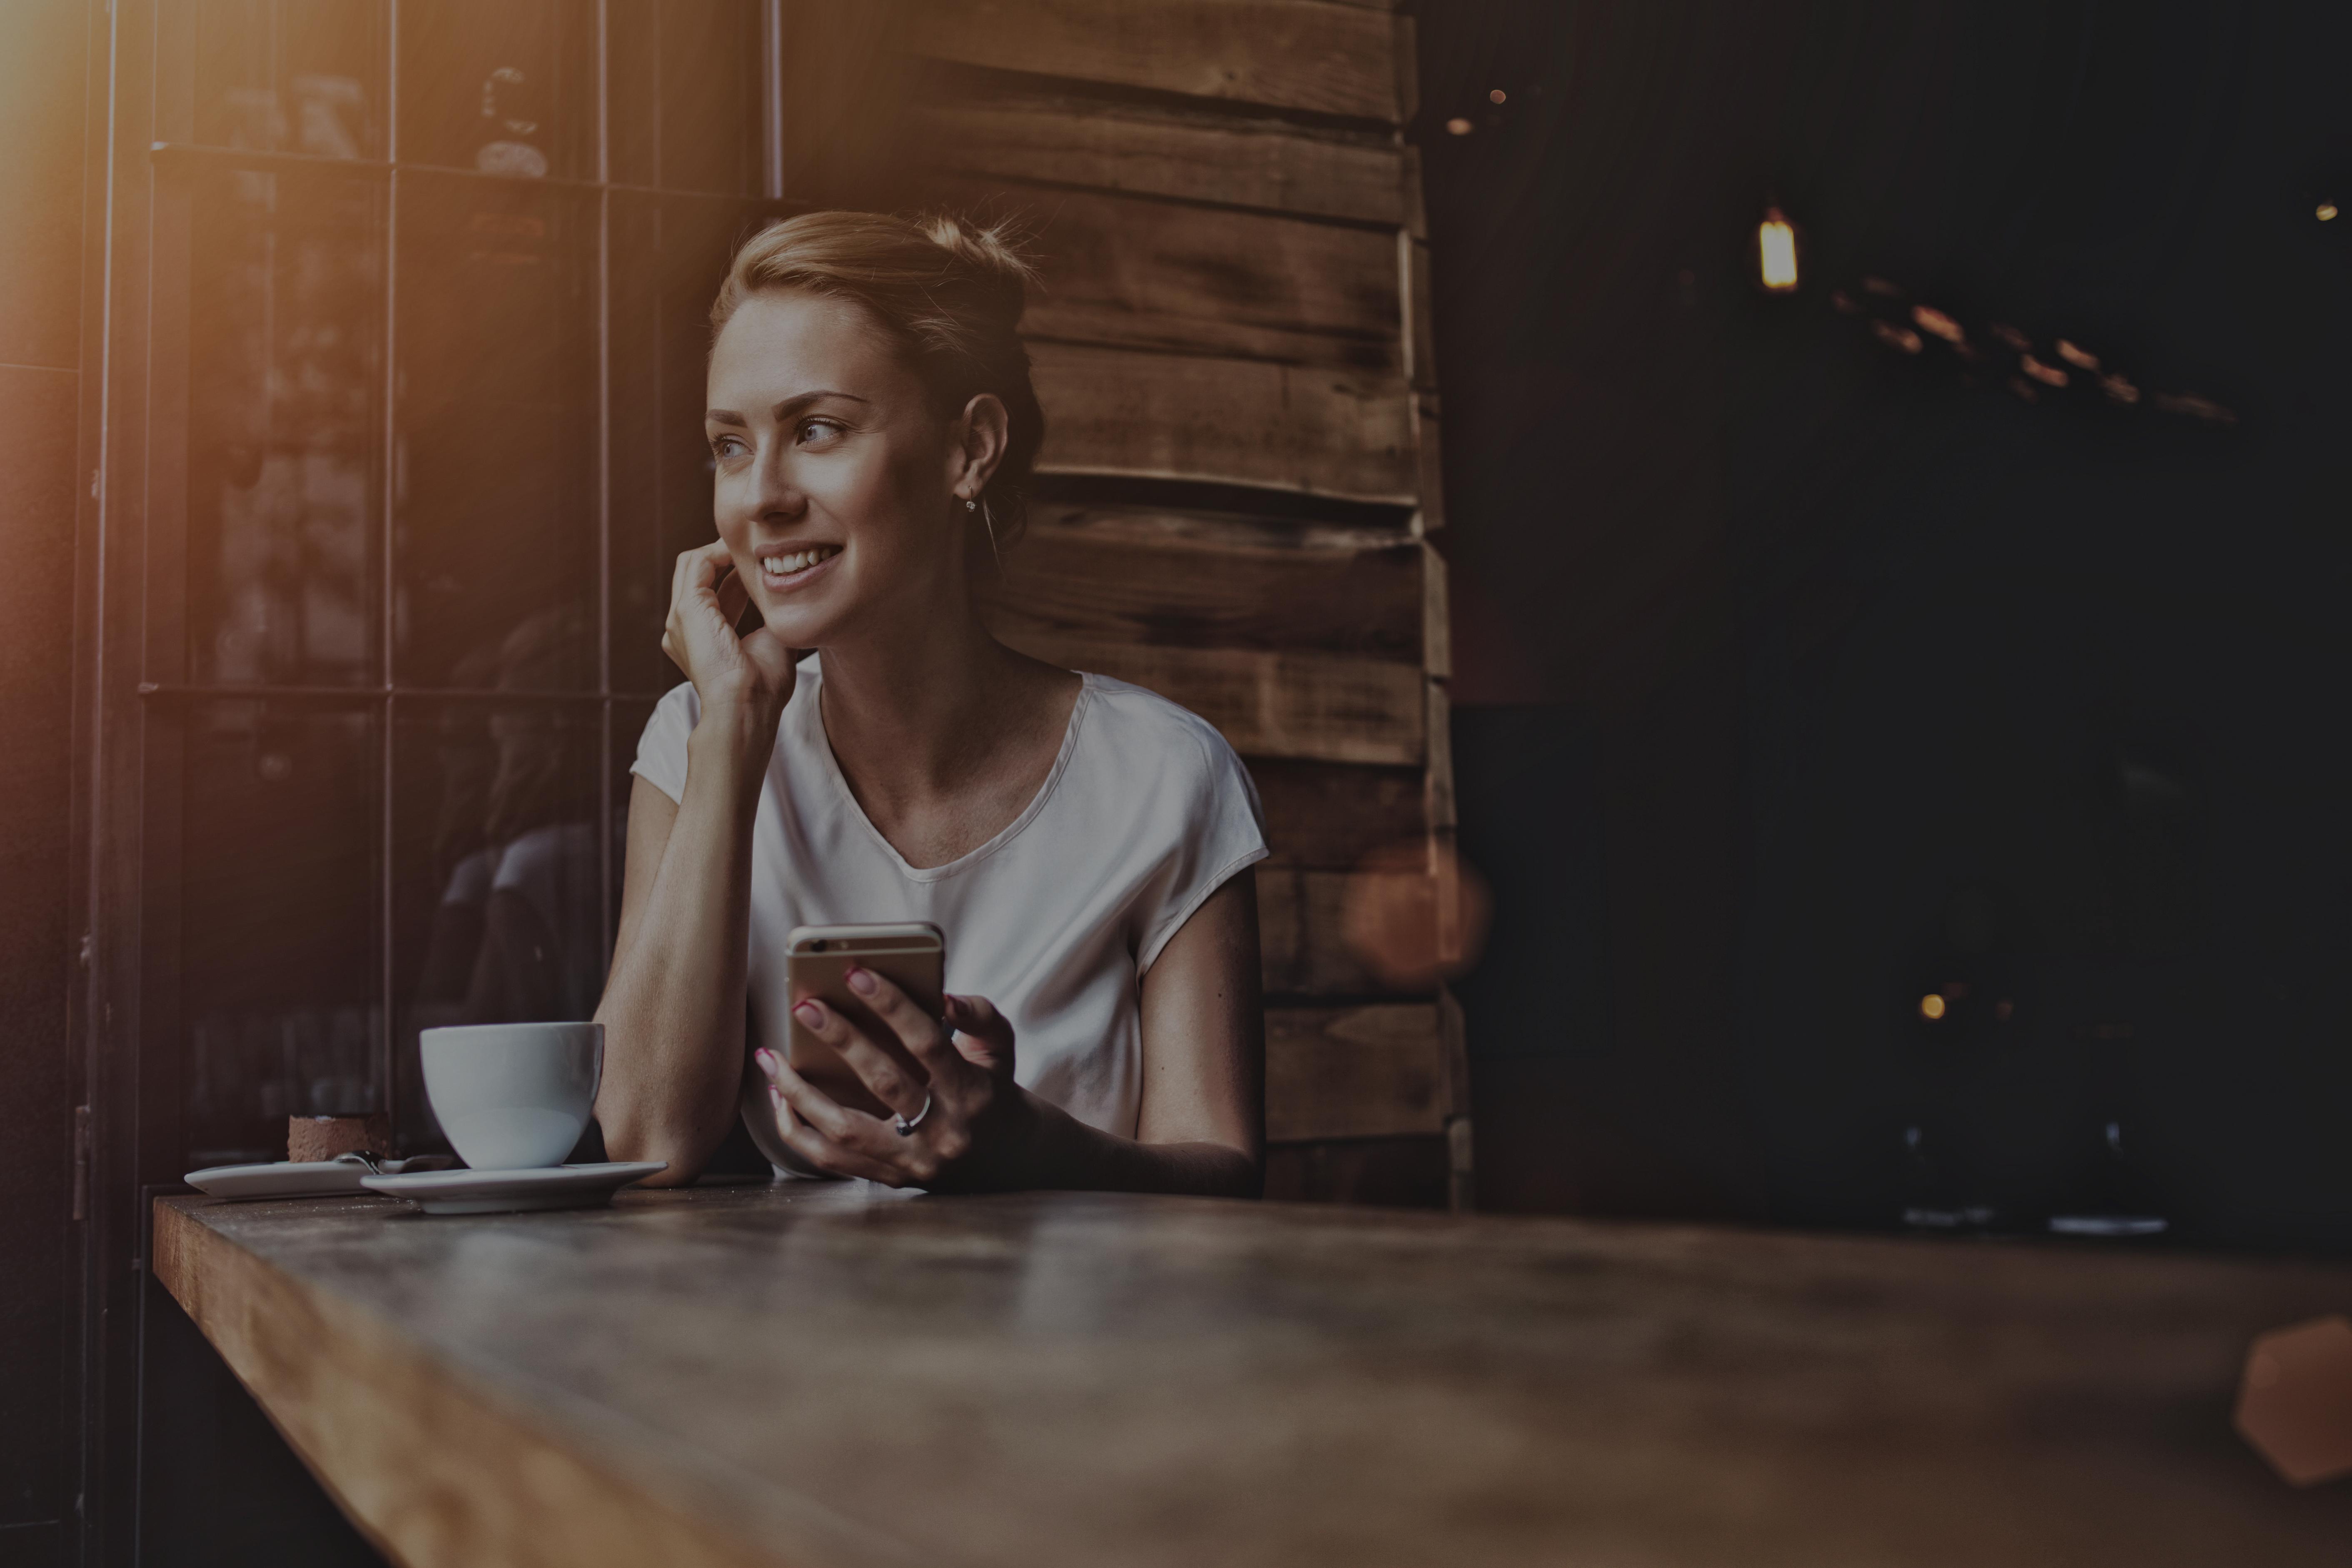 ¿Cómo mantener a un cliente satisfecho?